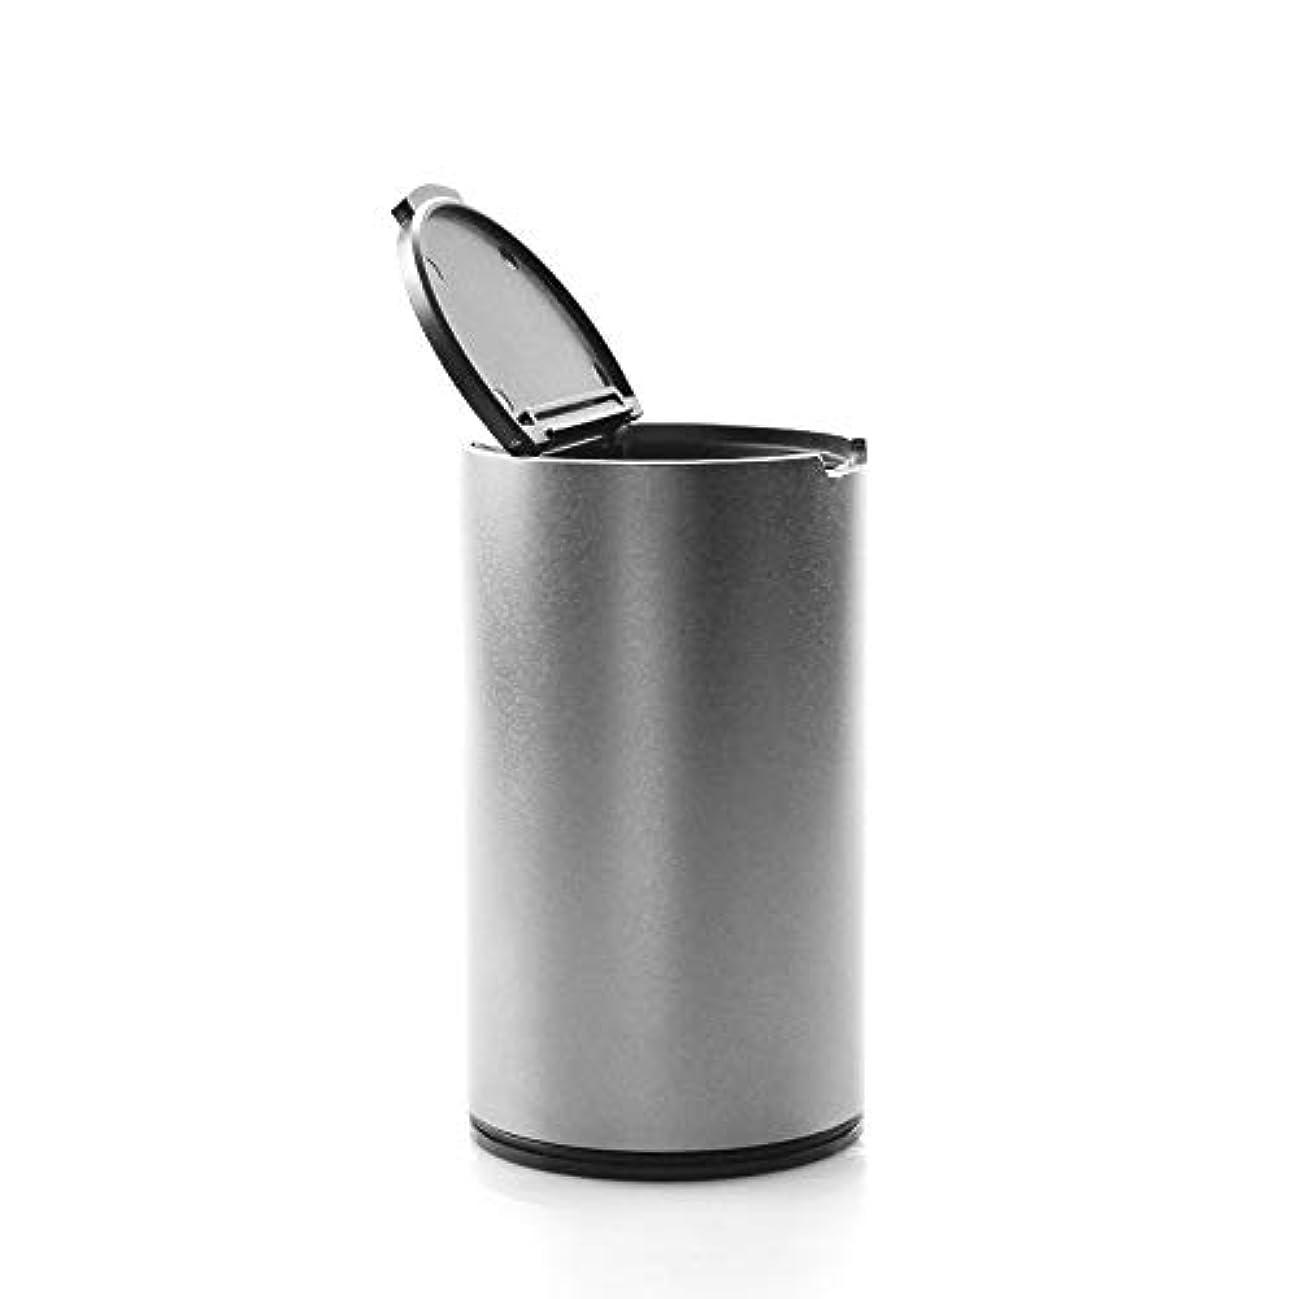 ワードローブ誘う接尾辞車の喫煙灰皿の裏表紙の中にある蓋が密閉された車の灰皿付きのミニ車の灰皿 (色 : 銀)